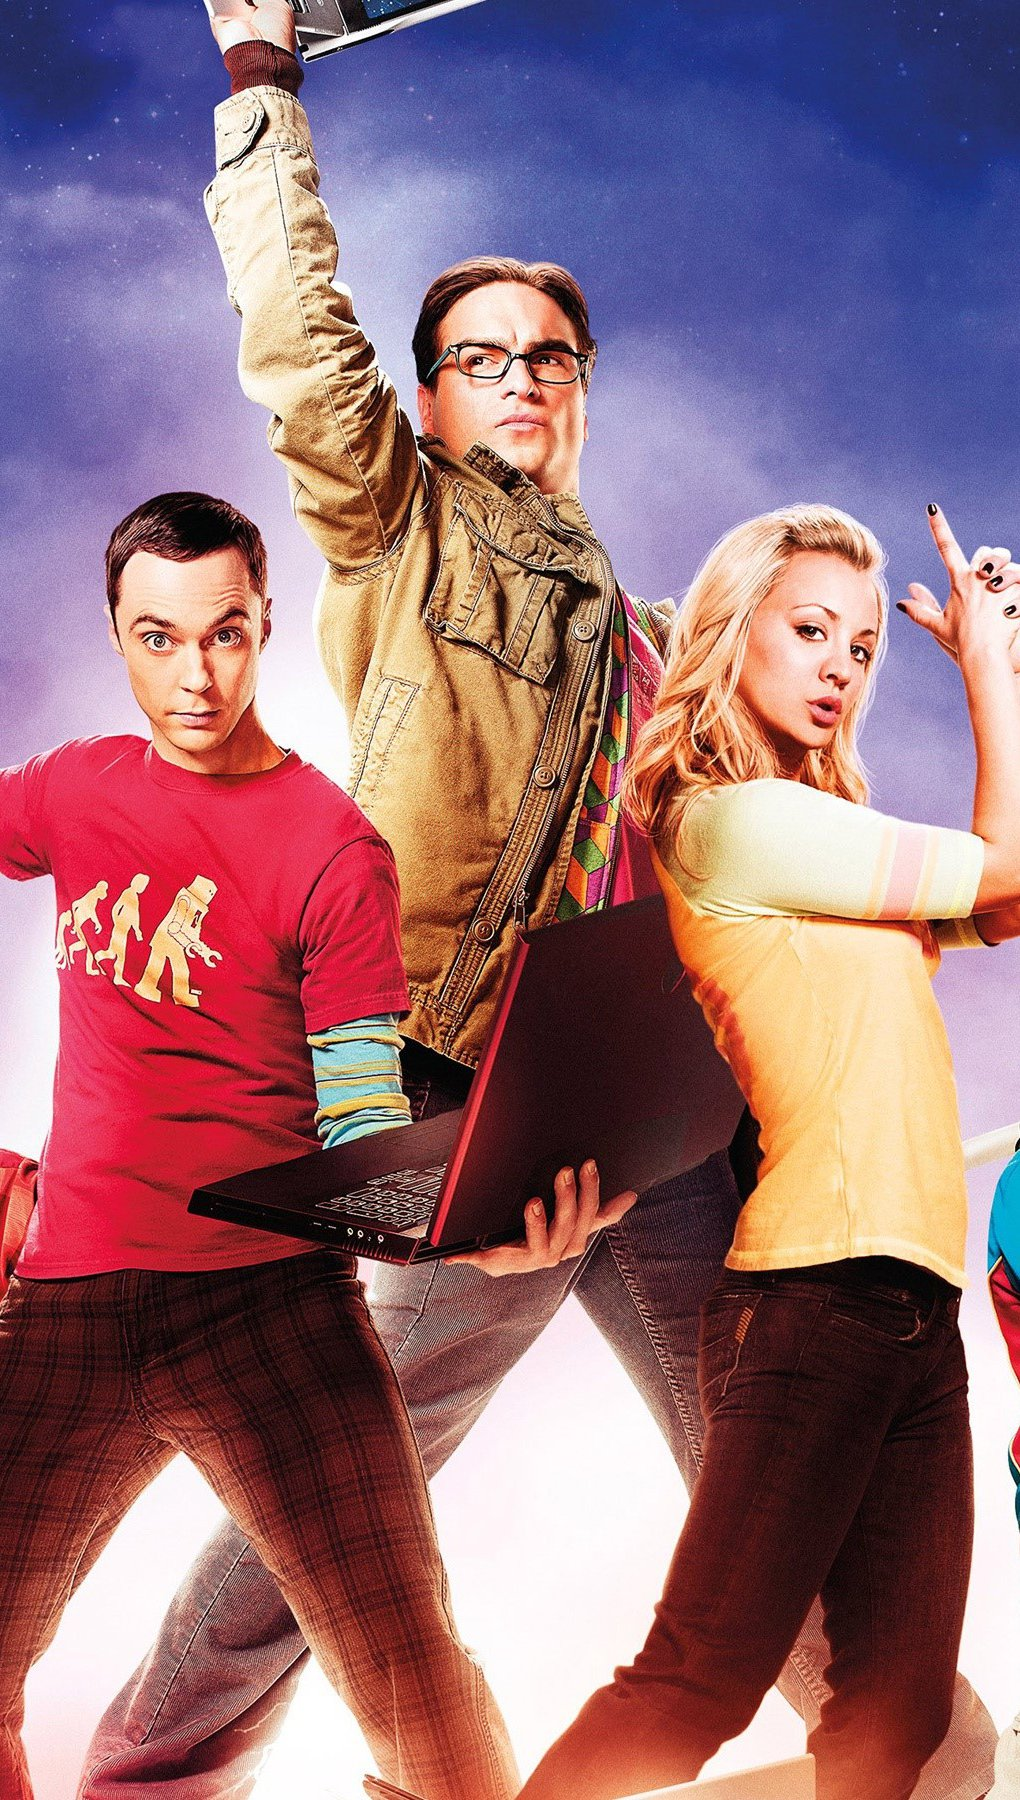 Wallpaper Big Bang Theory Vertical